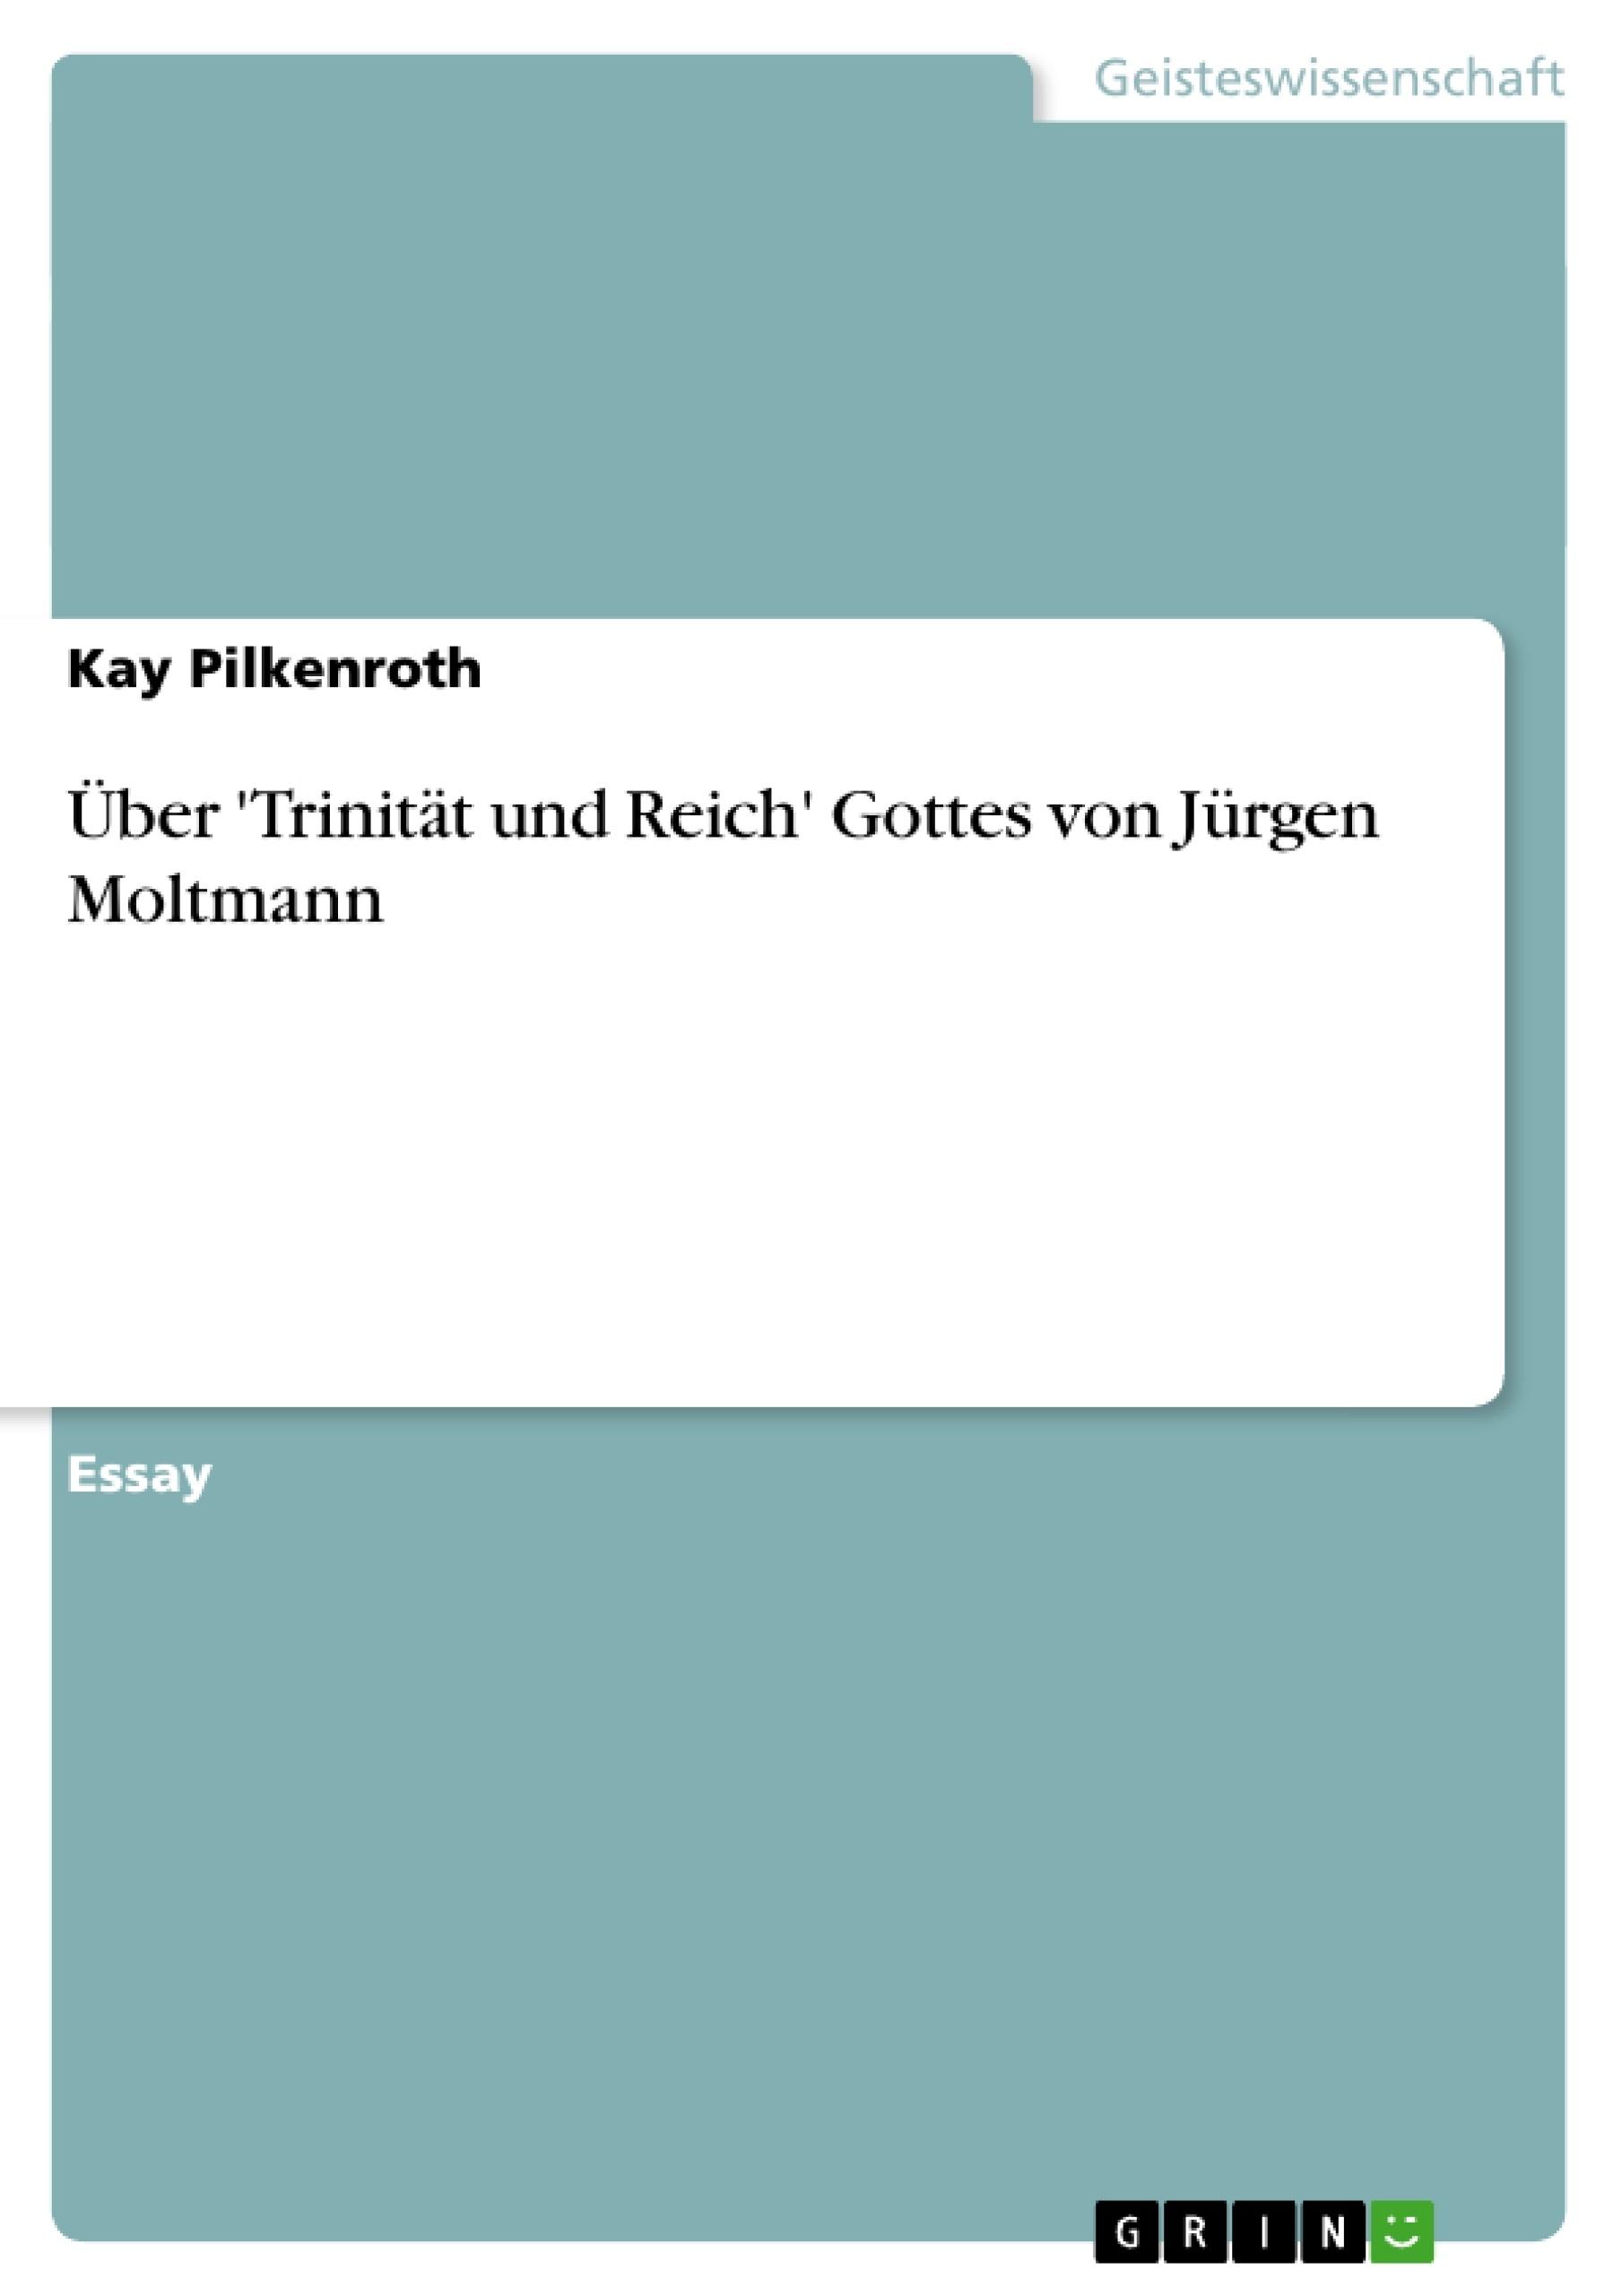 Titel: Über 'Trinität und Reich' Gottes von Jürgen Moltmann